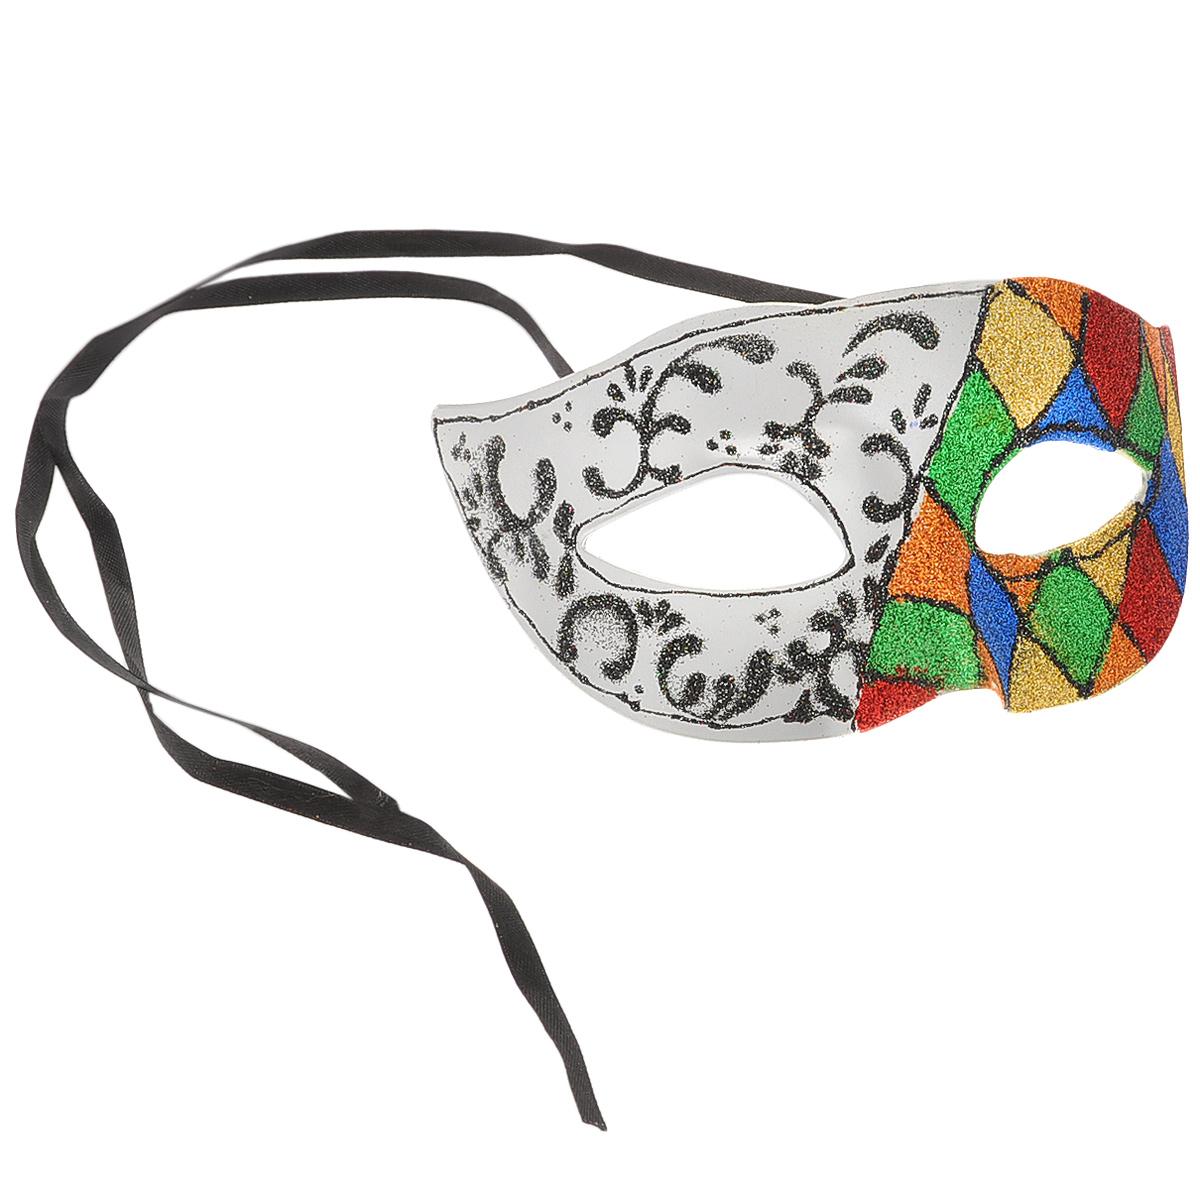 Маска карнавальная Magic Time. 3111131111Изящная карнавальная маска, выполненная из пластика, оформленная разноцветными блестками, внесет нотку задора и веселья в праздник. Одна половина маски украшена изображением ромбов, вторая половина декорирована витыми узорами. Маска станет завершающим штрихом в создании праздничного образа. Карнавальная маска держится при помощи атласных ленточек. В этой роскошной маске вы будете неотразимы.